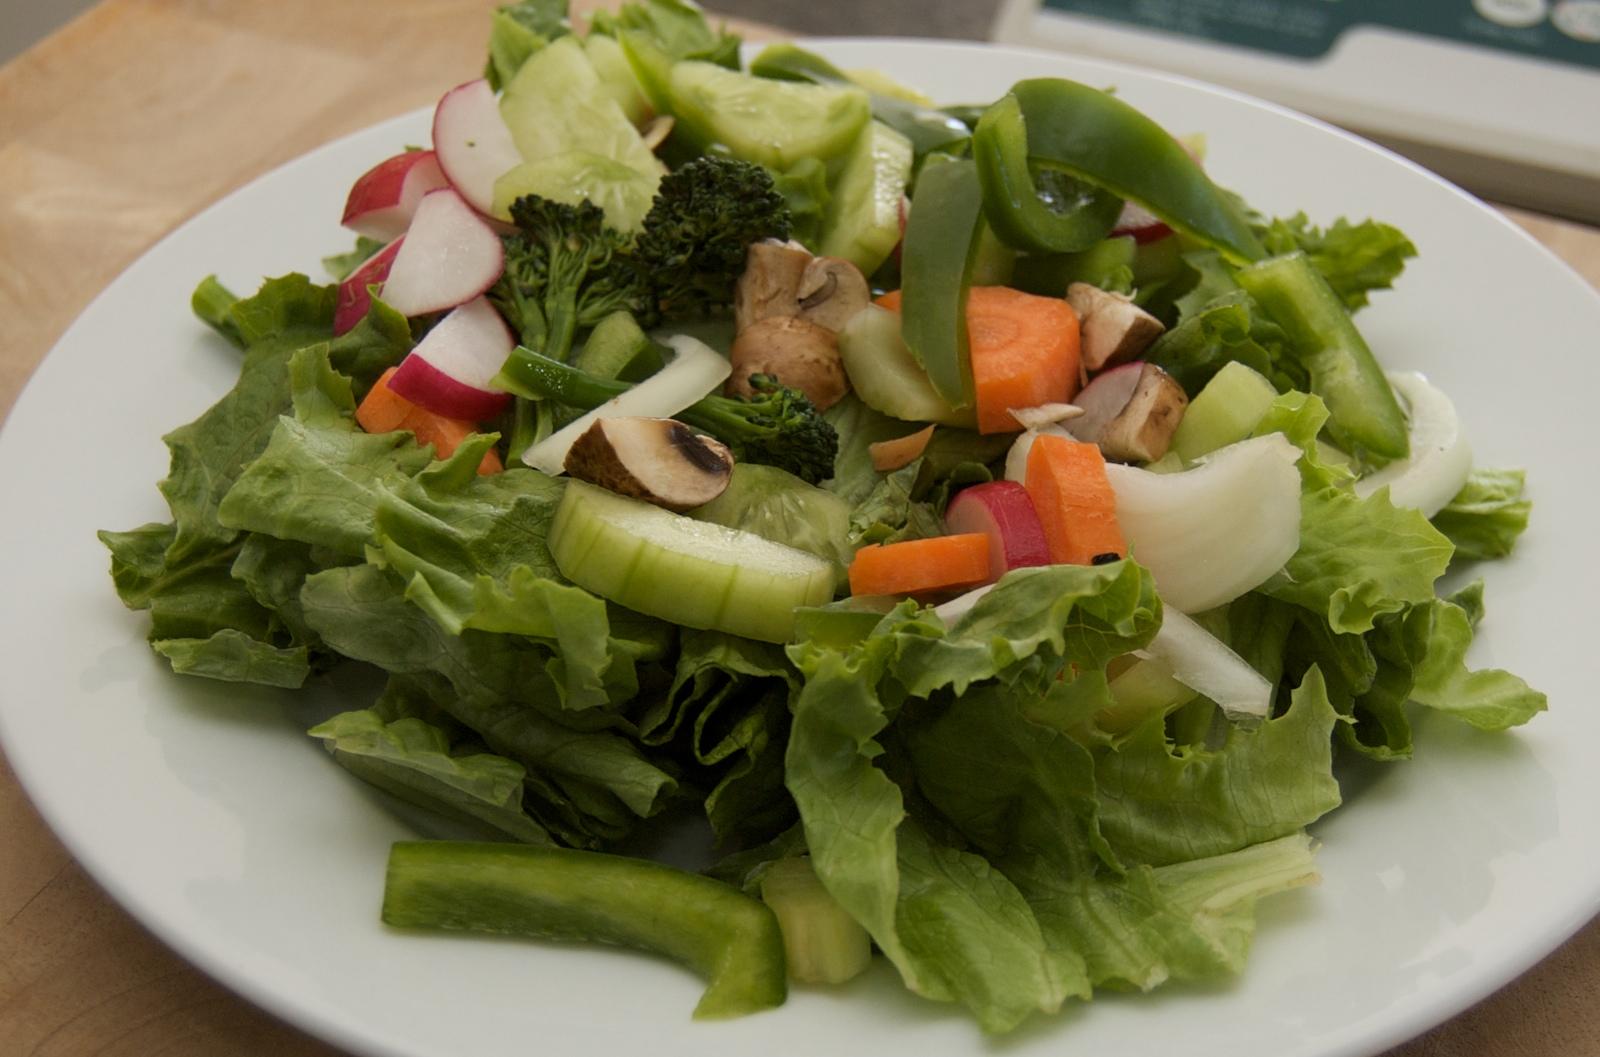 http://blog.rickk.com/food/2010/04/11/salad13.jpg